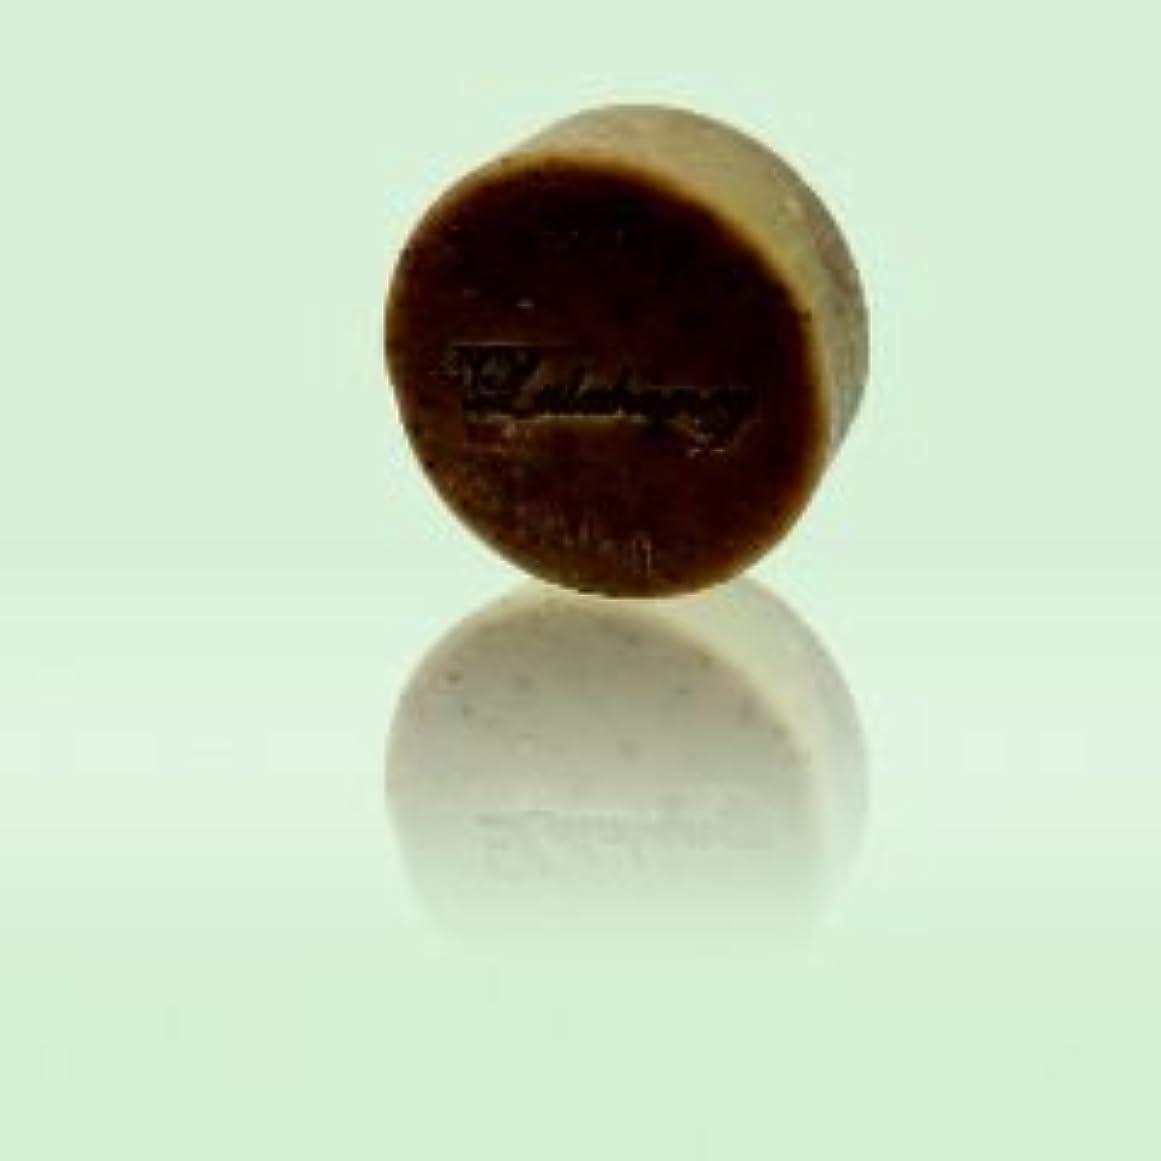 セレナ司令官セレナLALAHONEY 石鹸〈チョコレート&オレンジ〉40g【手作りでシンプルなコールドプロセス製法】